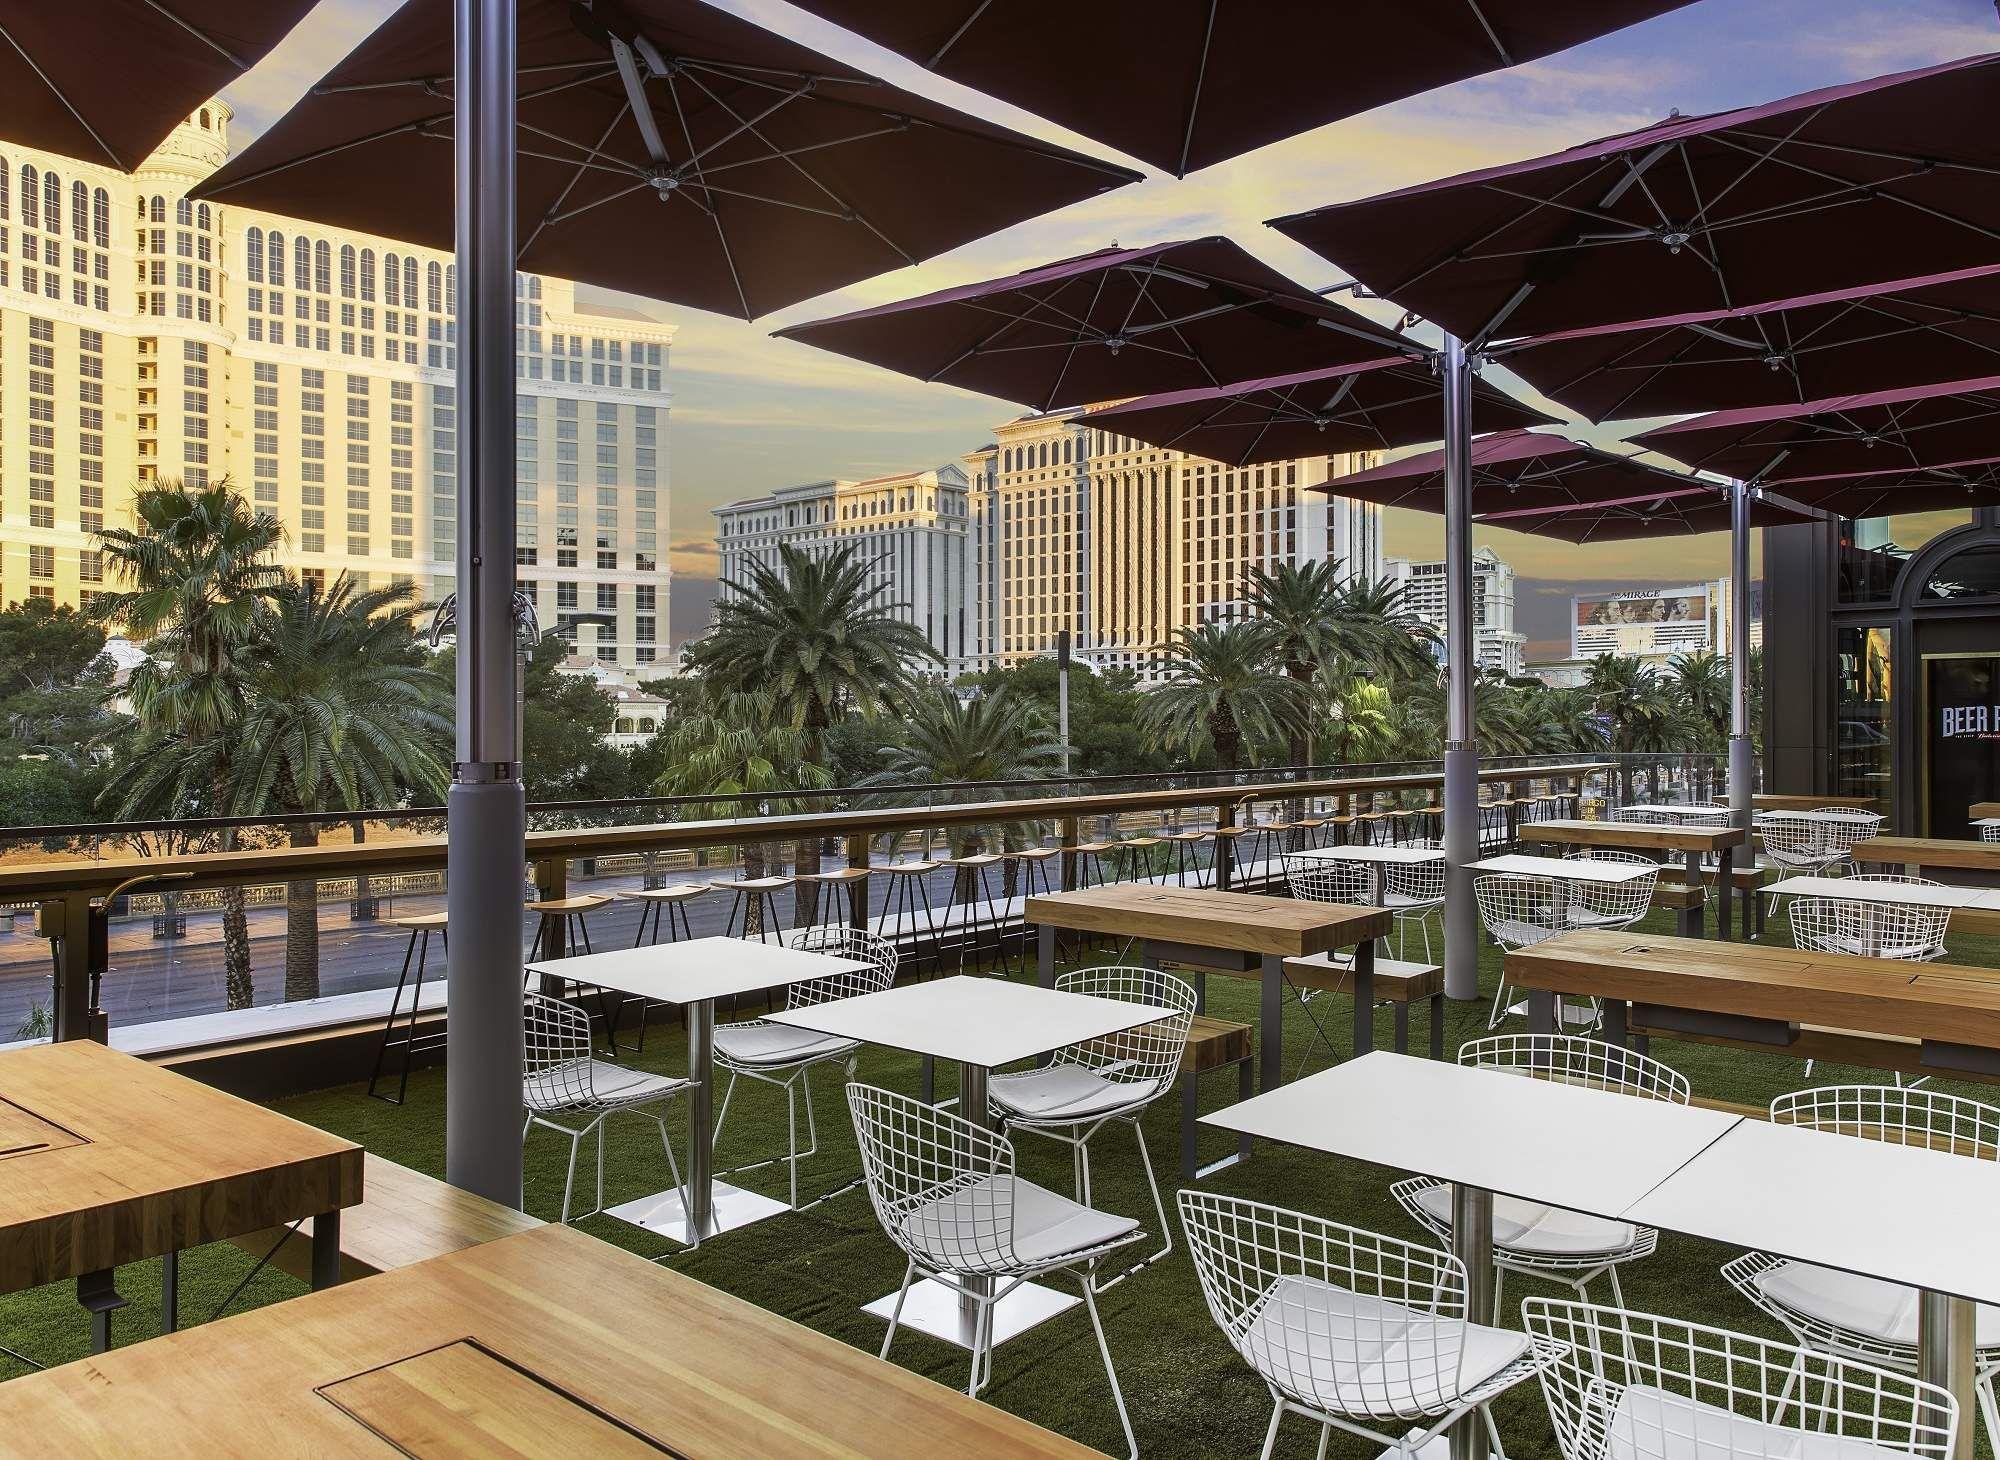 The Best Rooftop Bars in Las Vegas | Paris las vegas, Las ...